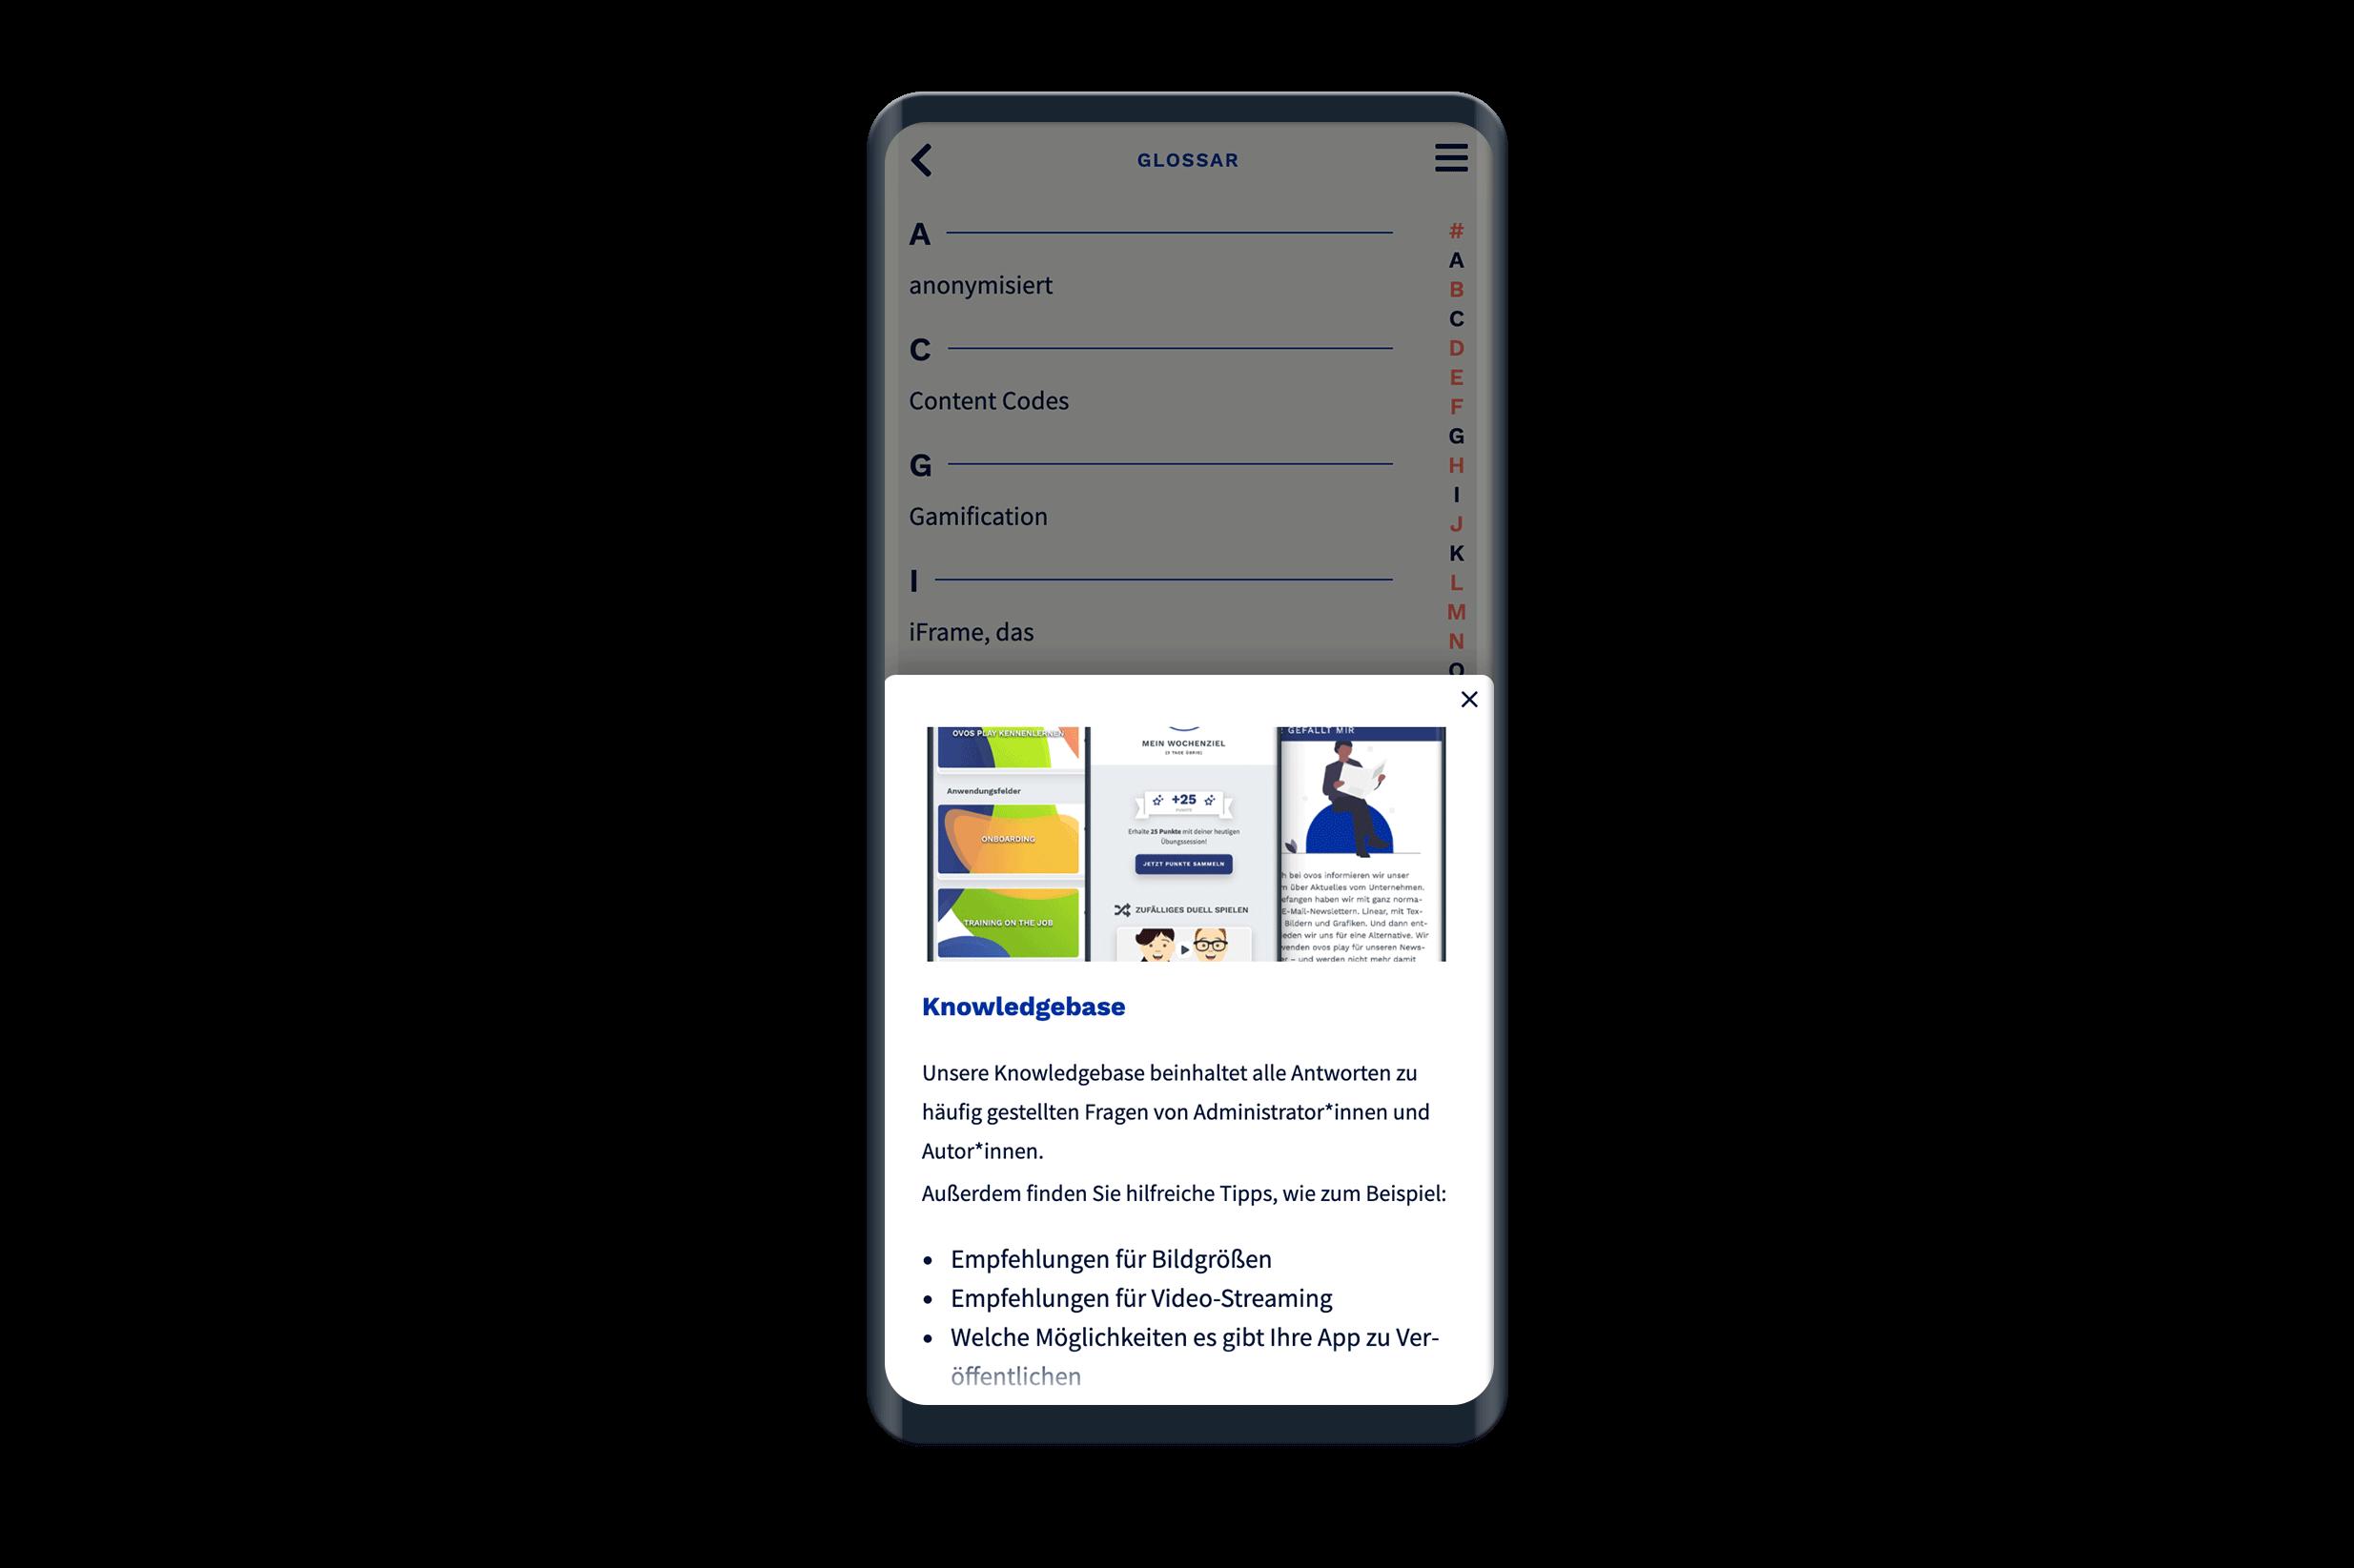 Ansicht der Glossar-Liste in der App.